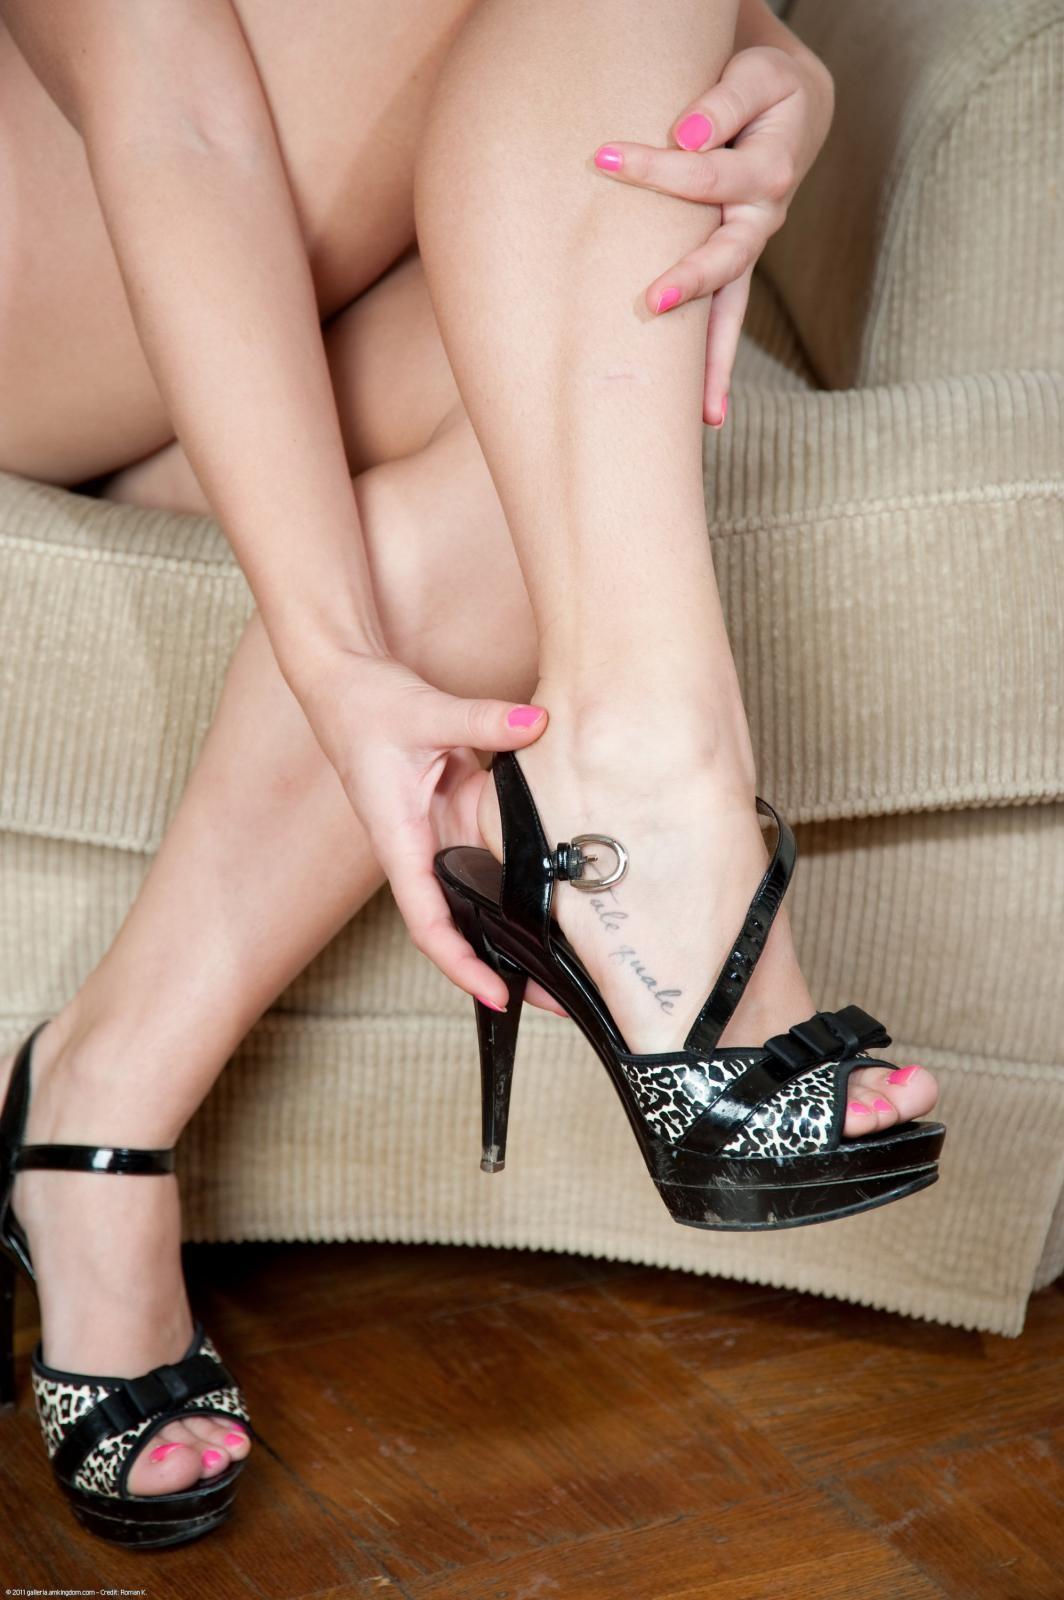 Раскованная блондиночка раздевается перед камерой, показывая свои стройные ножки и нежные стопы